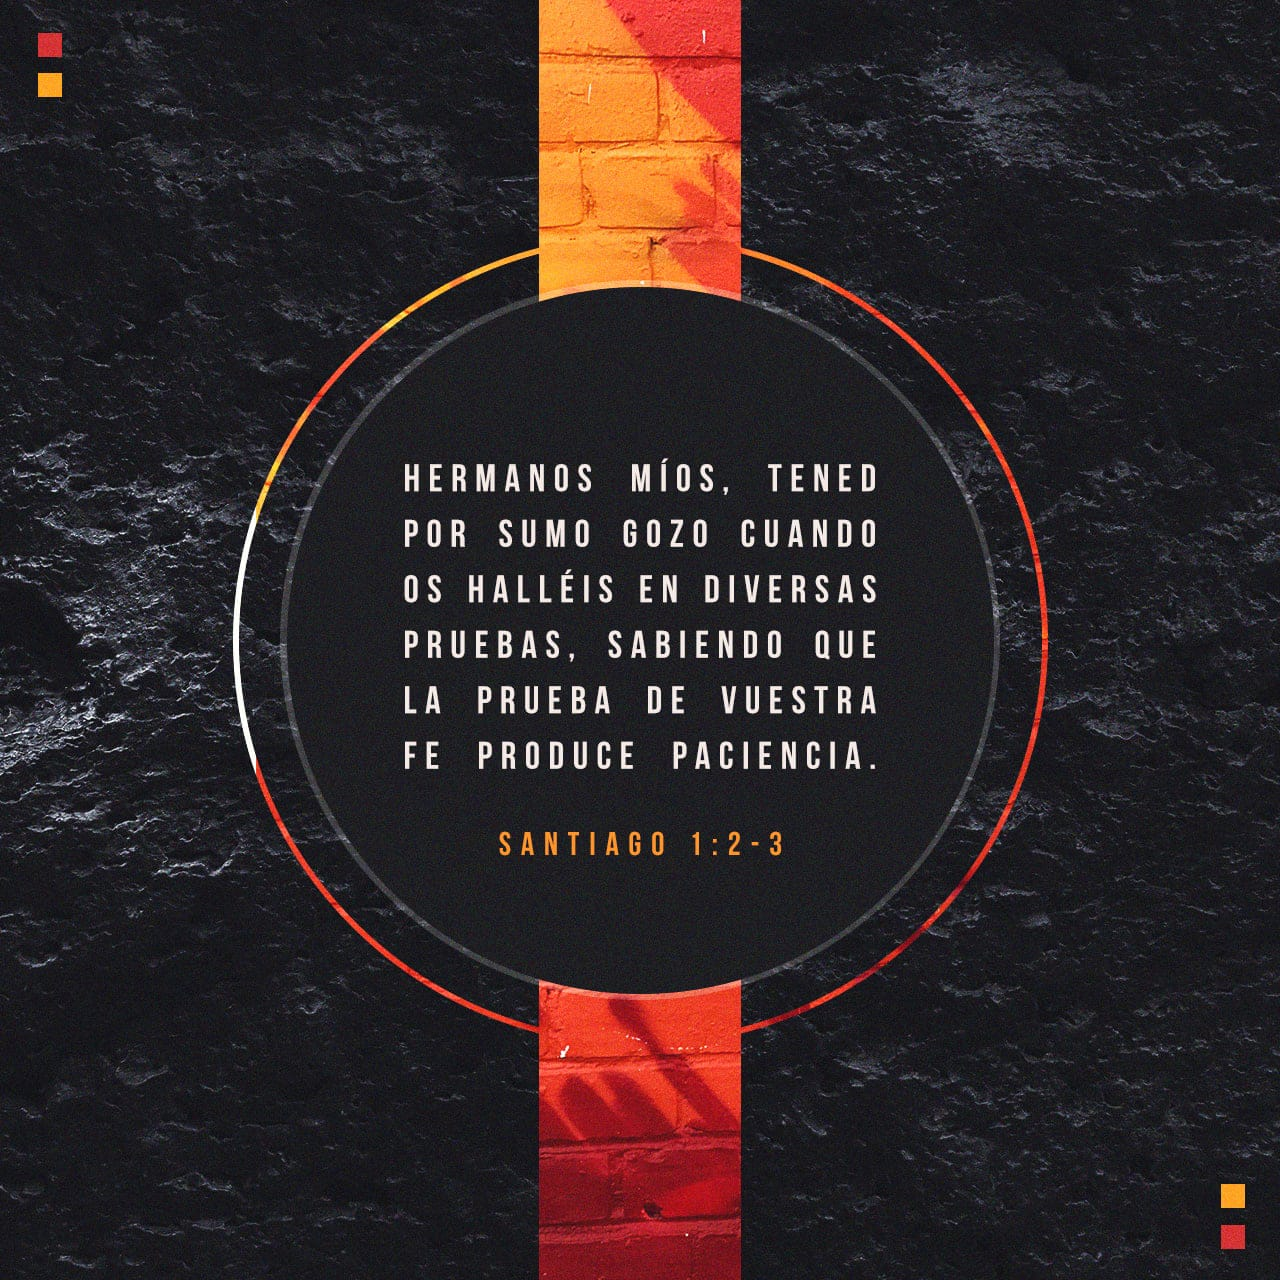 Santiago 1:3 sabiendo que la prueba de vuestra fe produce ...